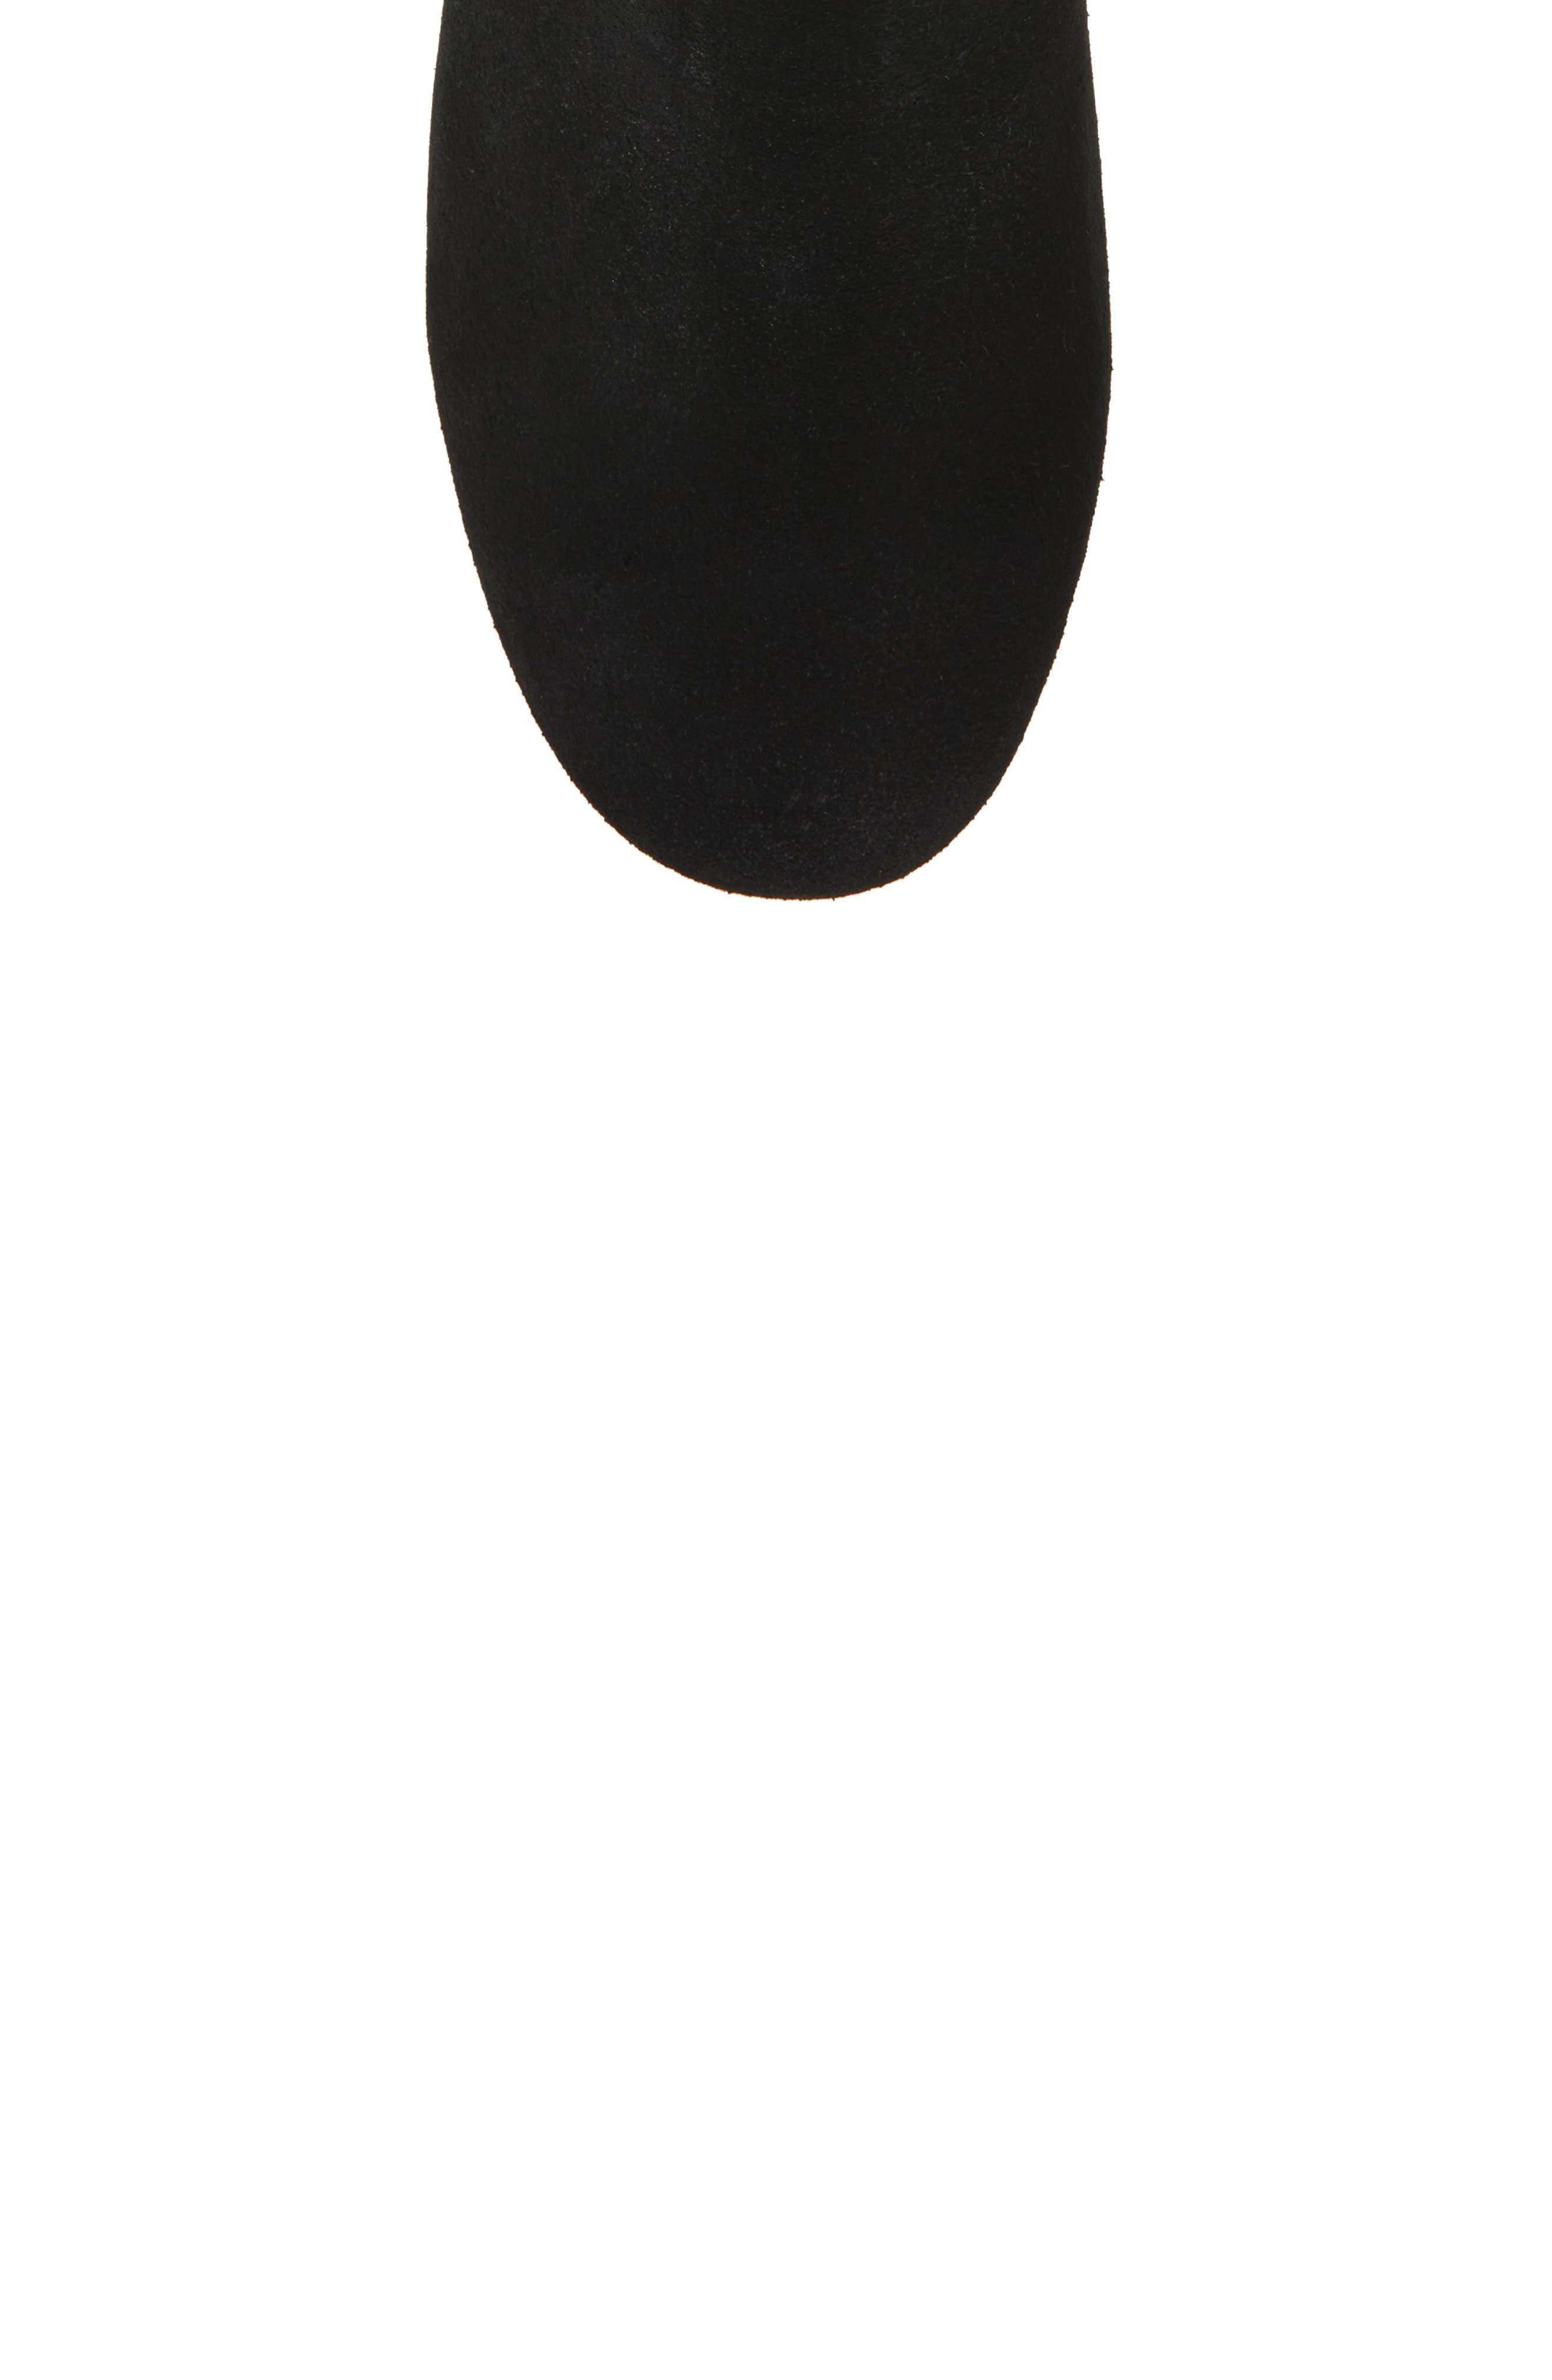 Danise Knee High Boot,                             Alternate thumbnail 5, color,                             013